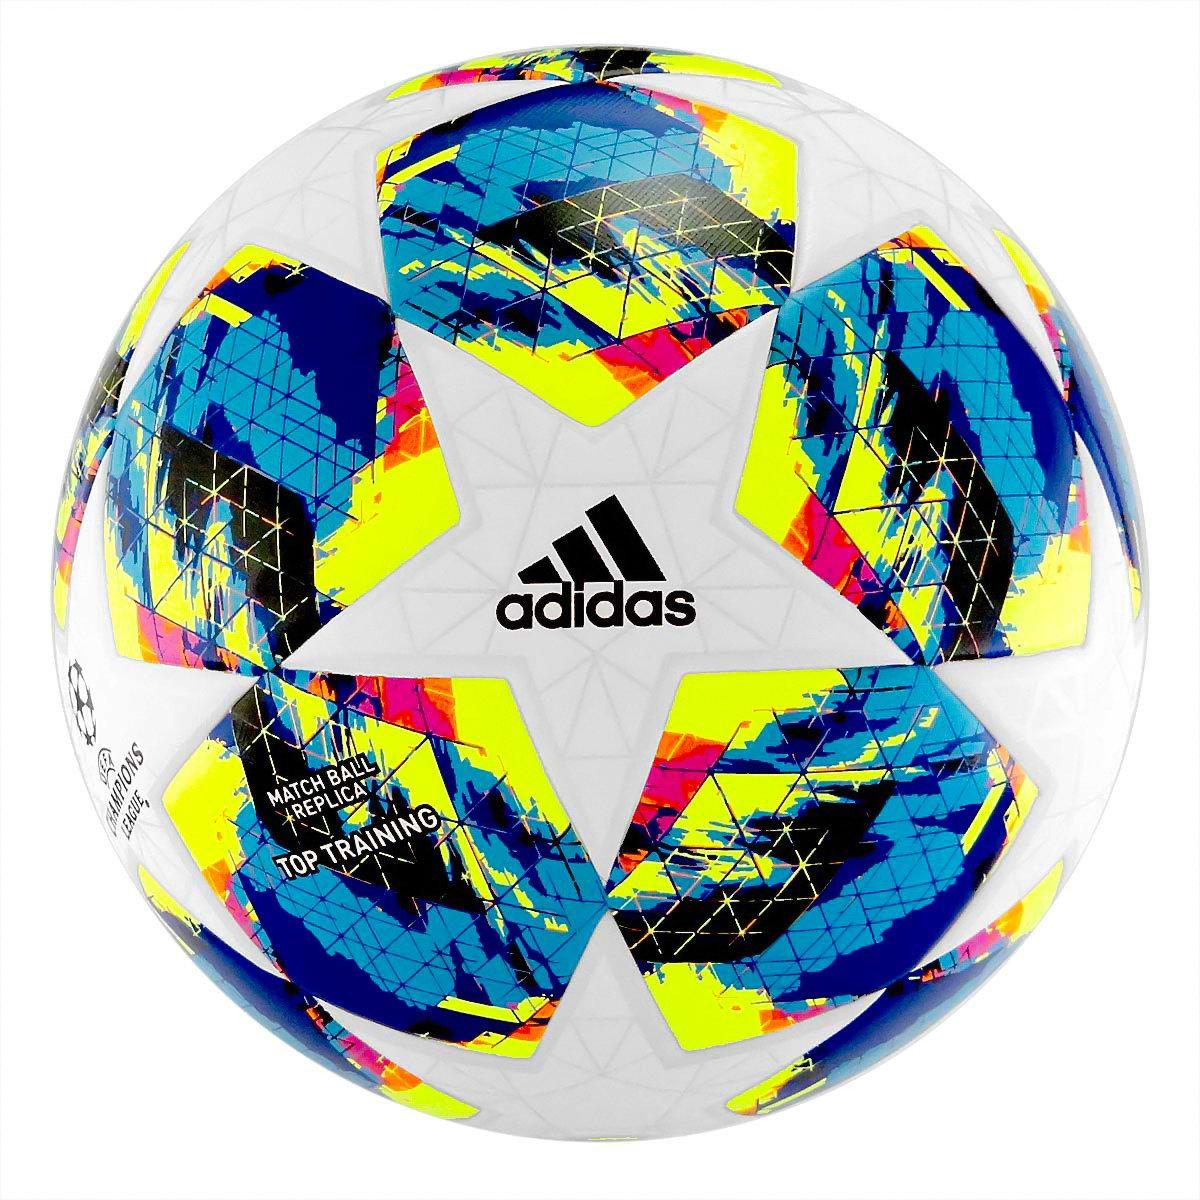 Zestawy Juventus | adidas piłka nożna